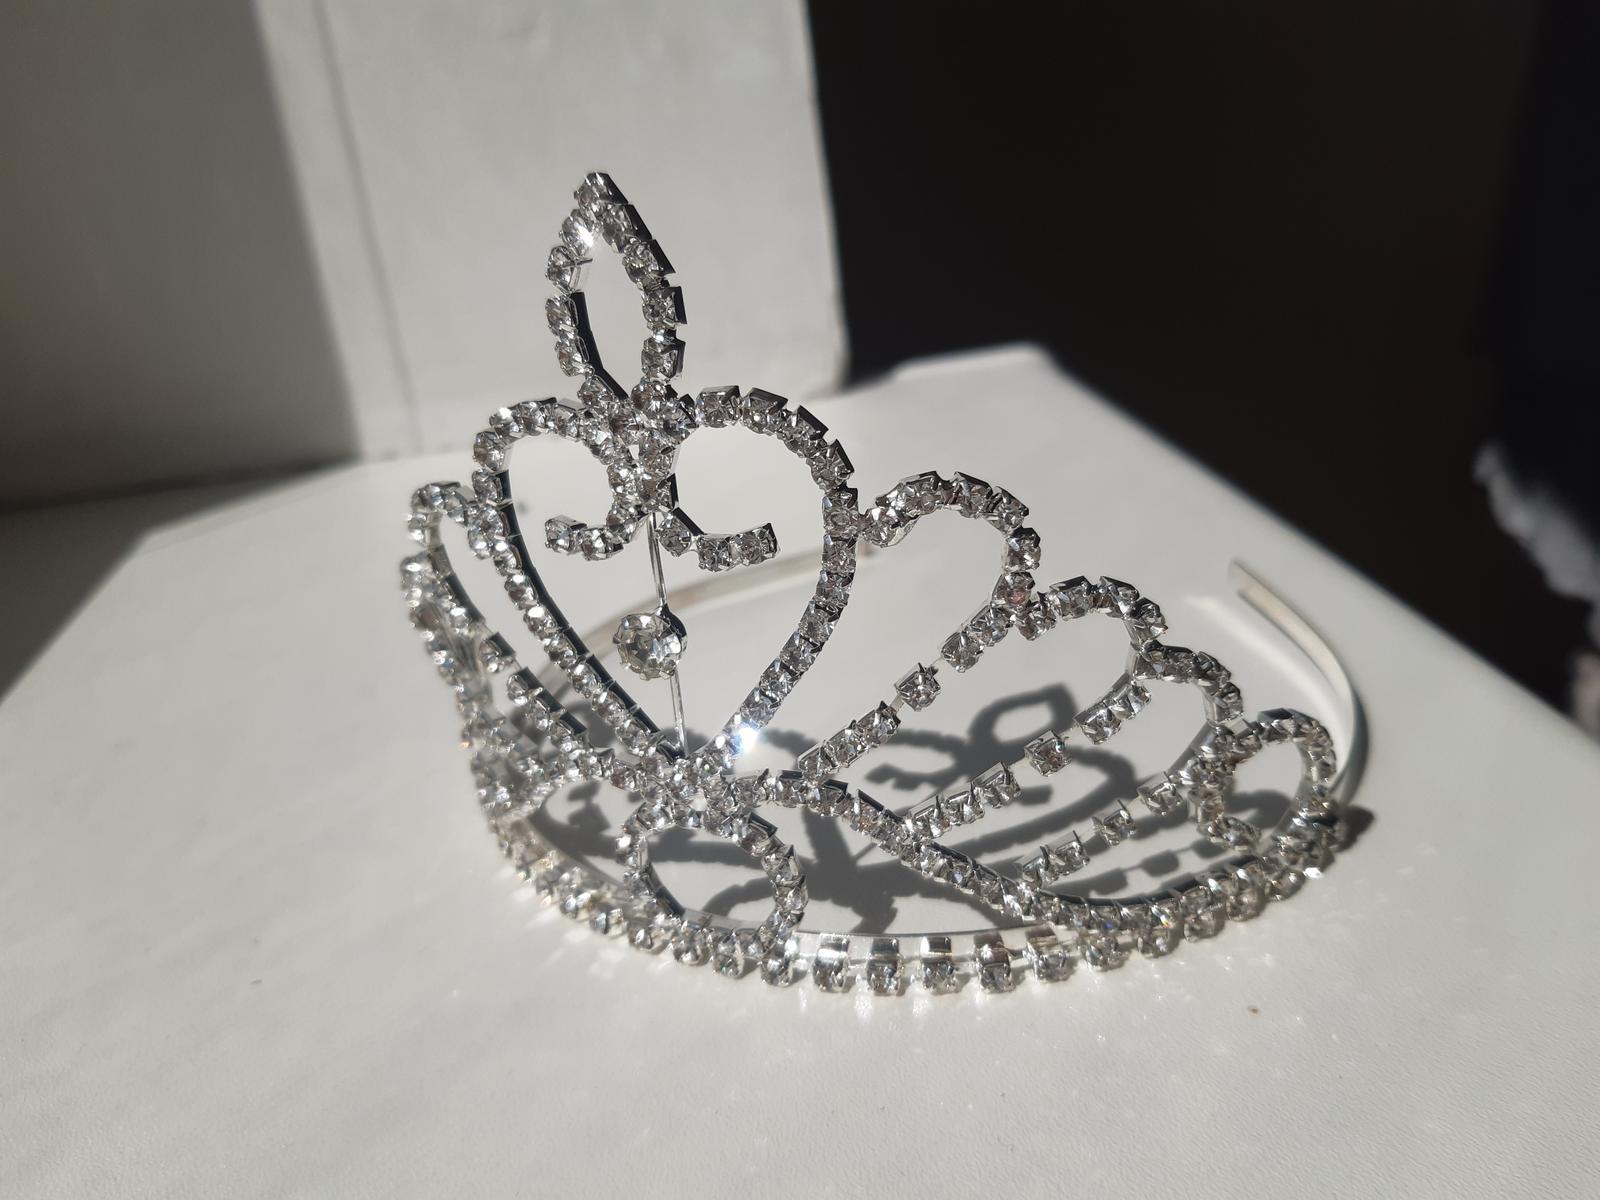 Diadem, korunka, tiara do vlasov - Obrázok č. 1